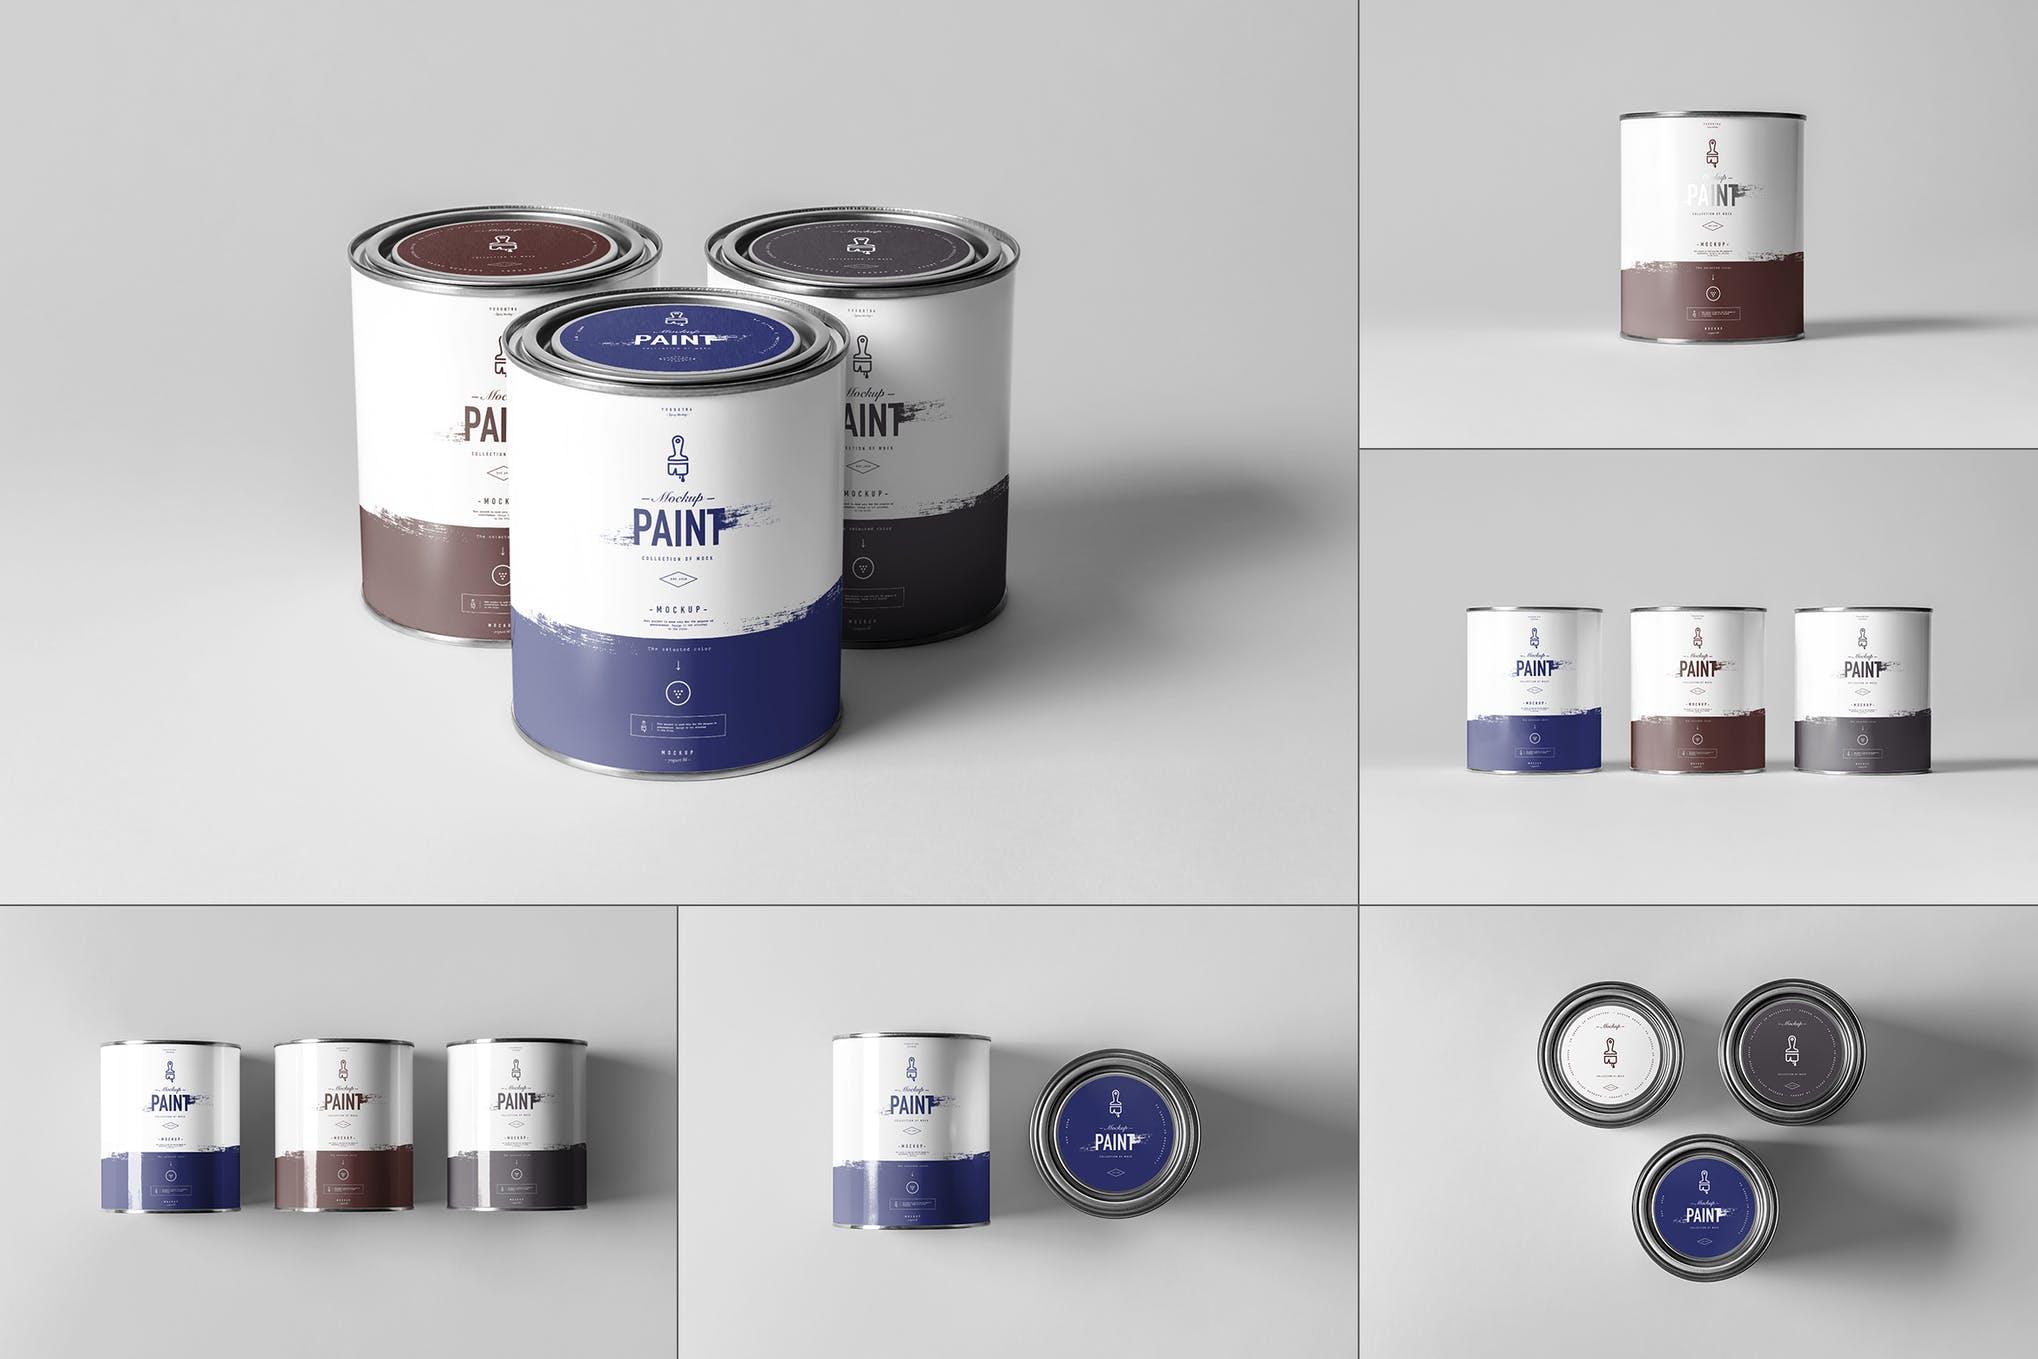 油漆桶油漆罐样机效果图插图(1)